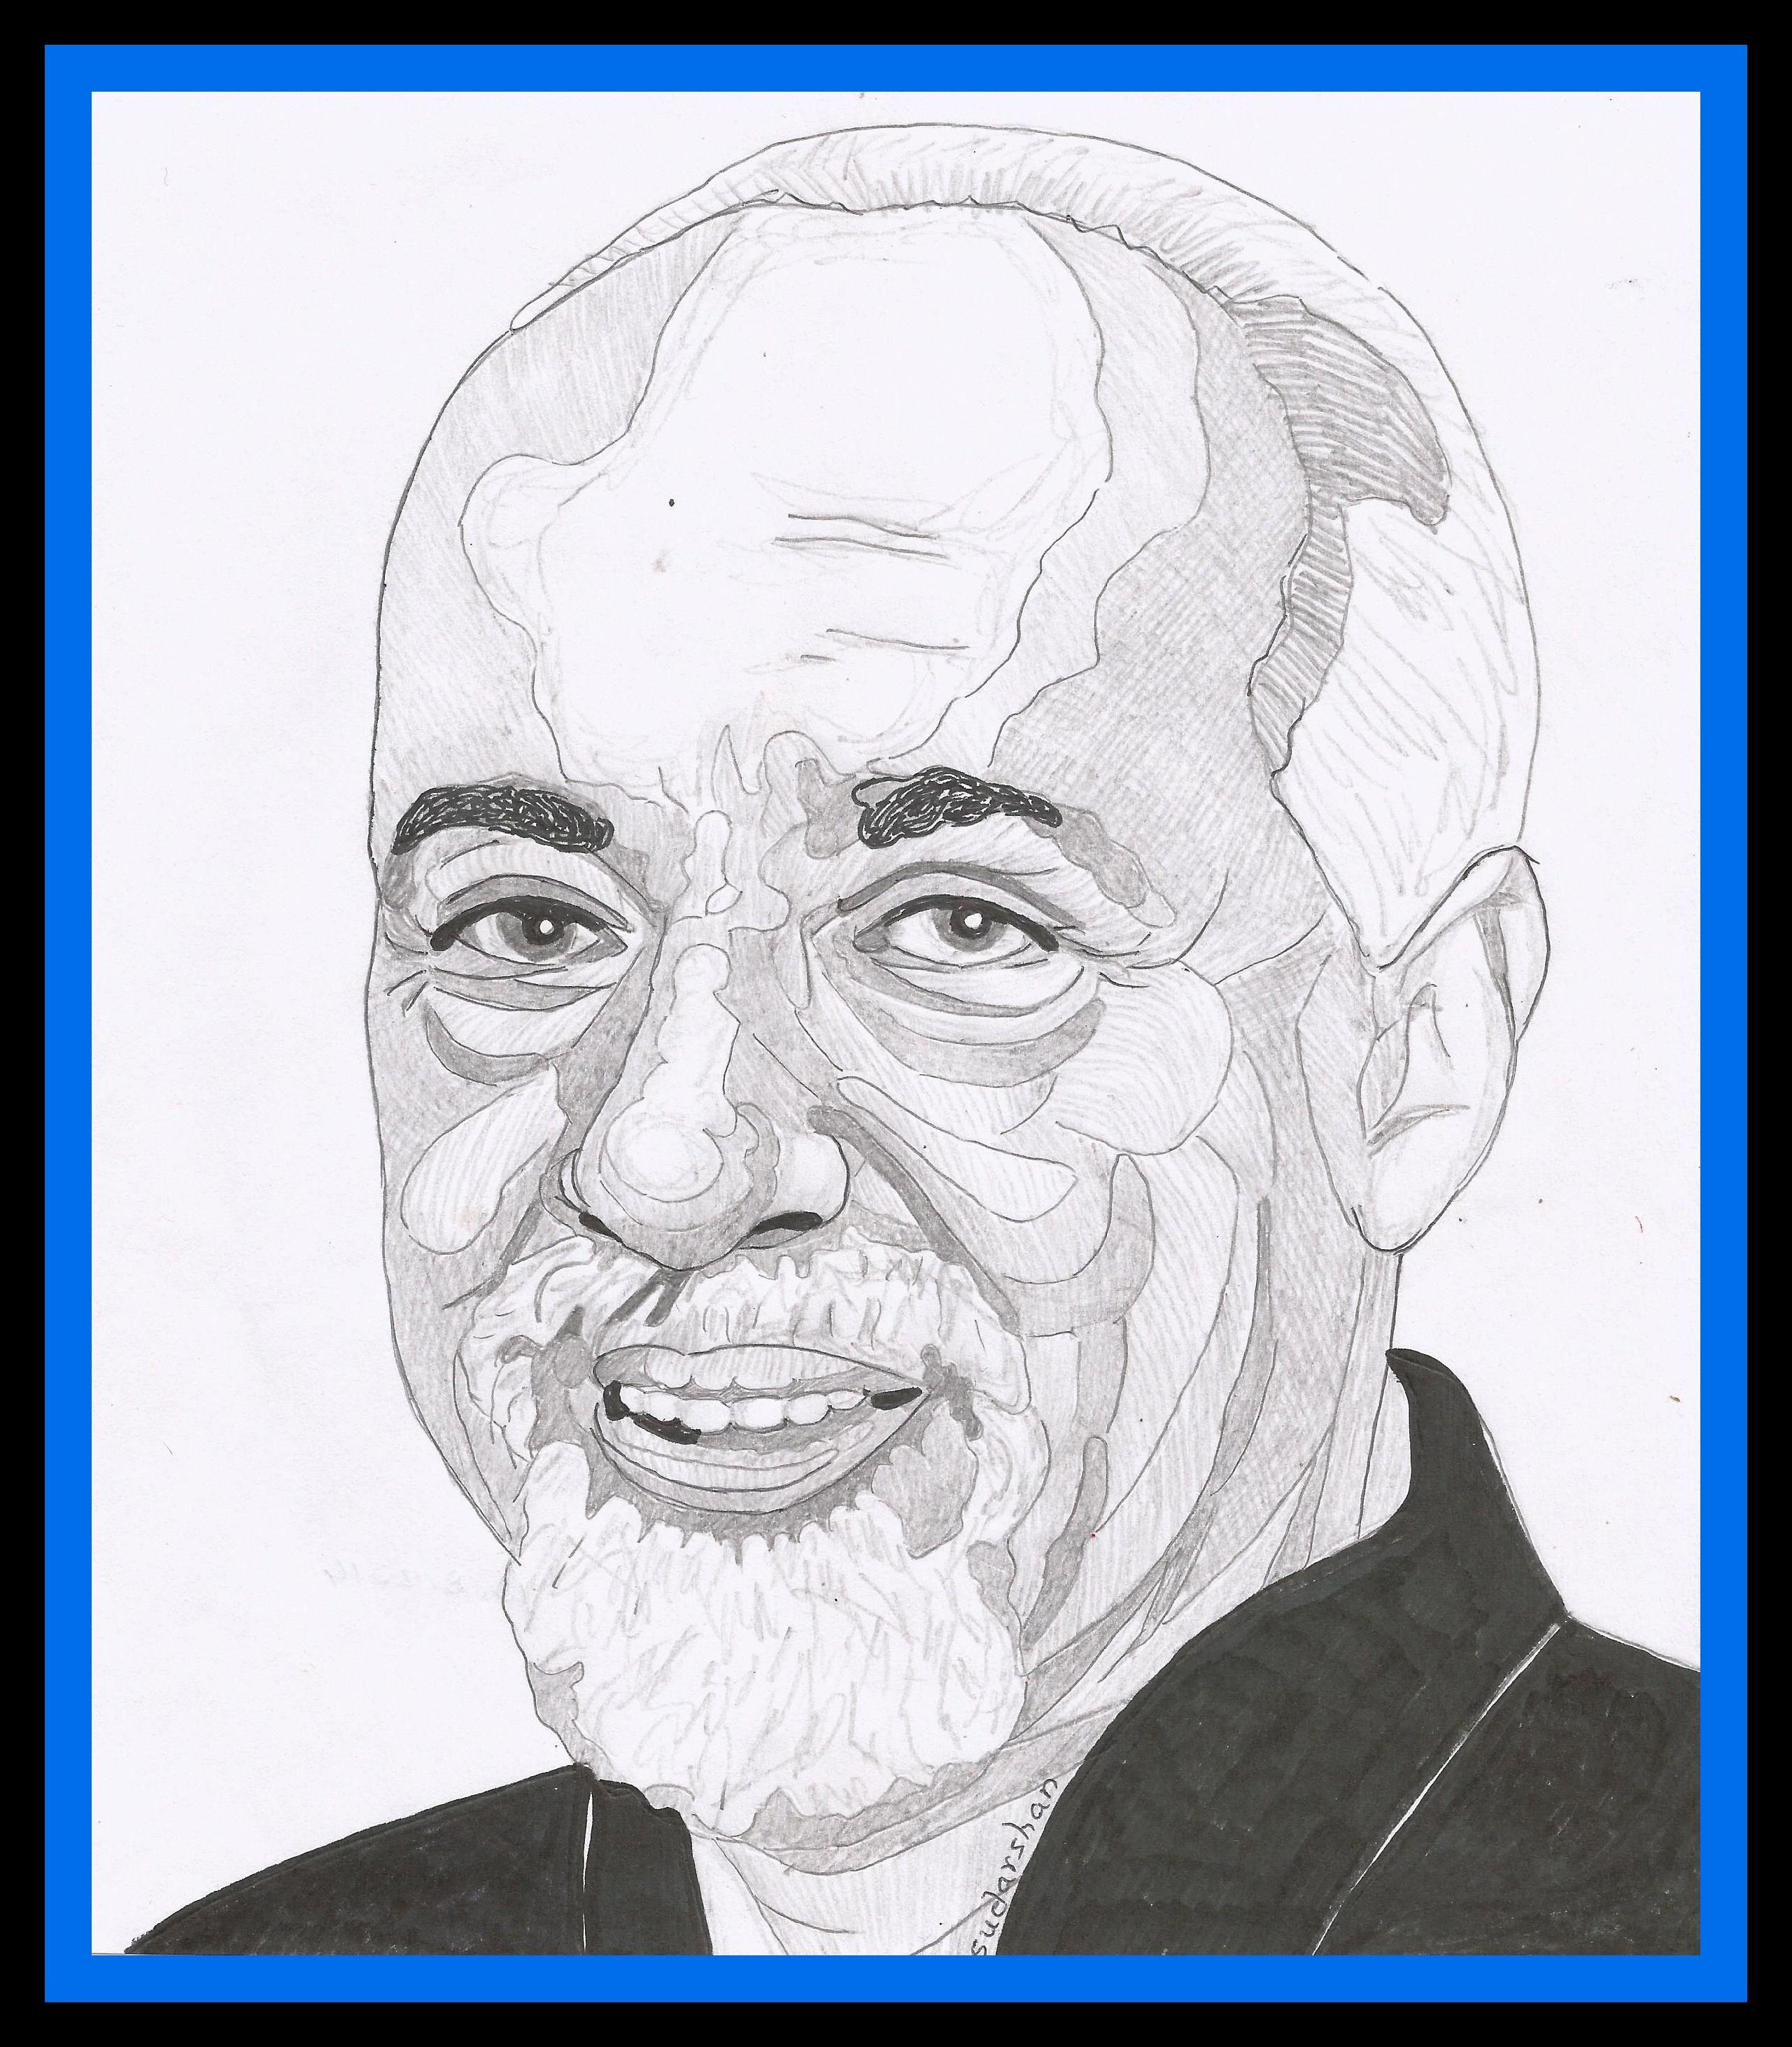 Paulo Coelho Person sketch, Sketches, Male sketch